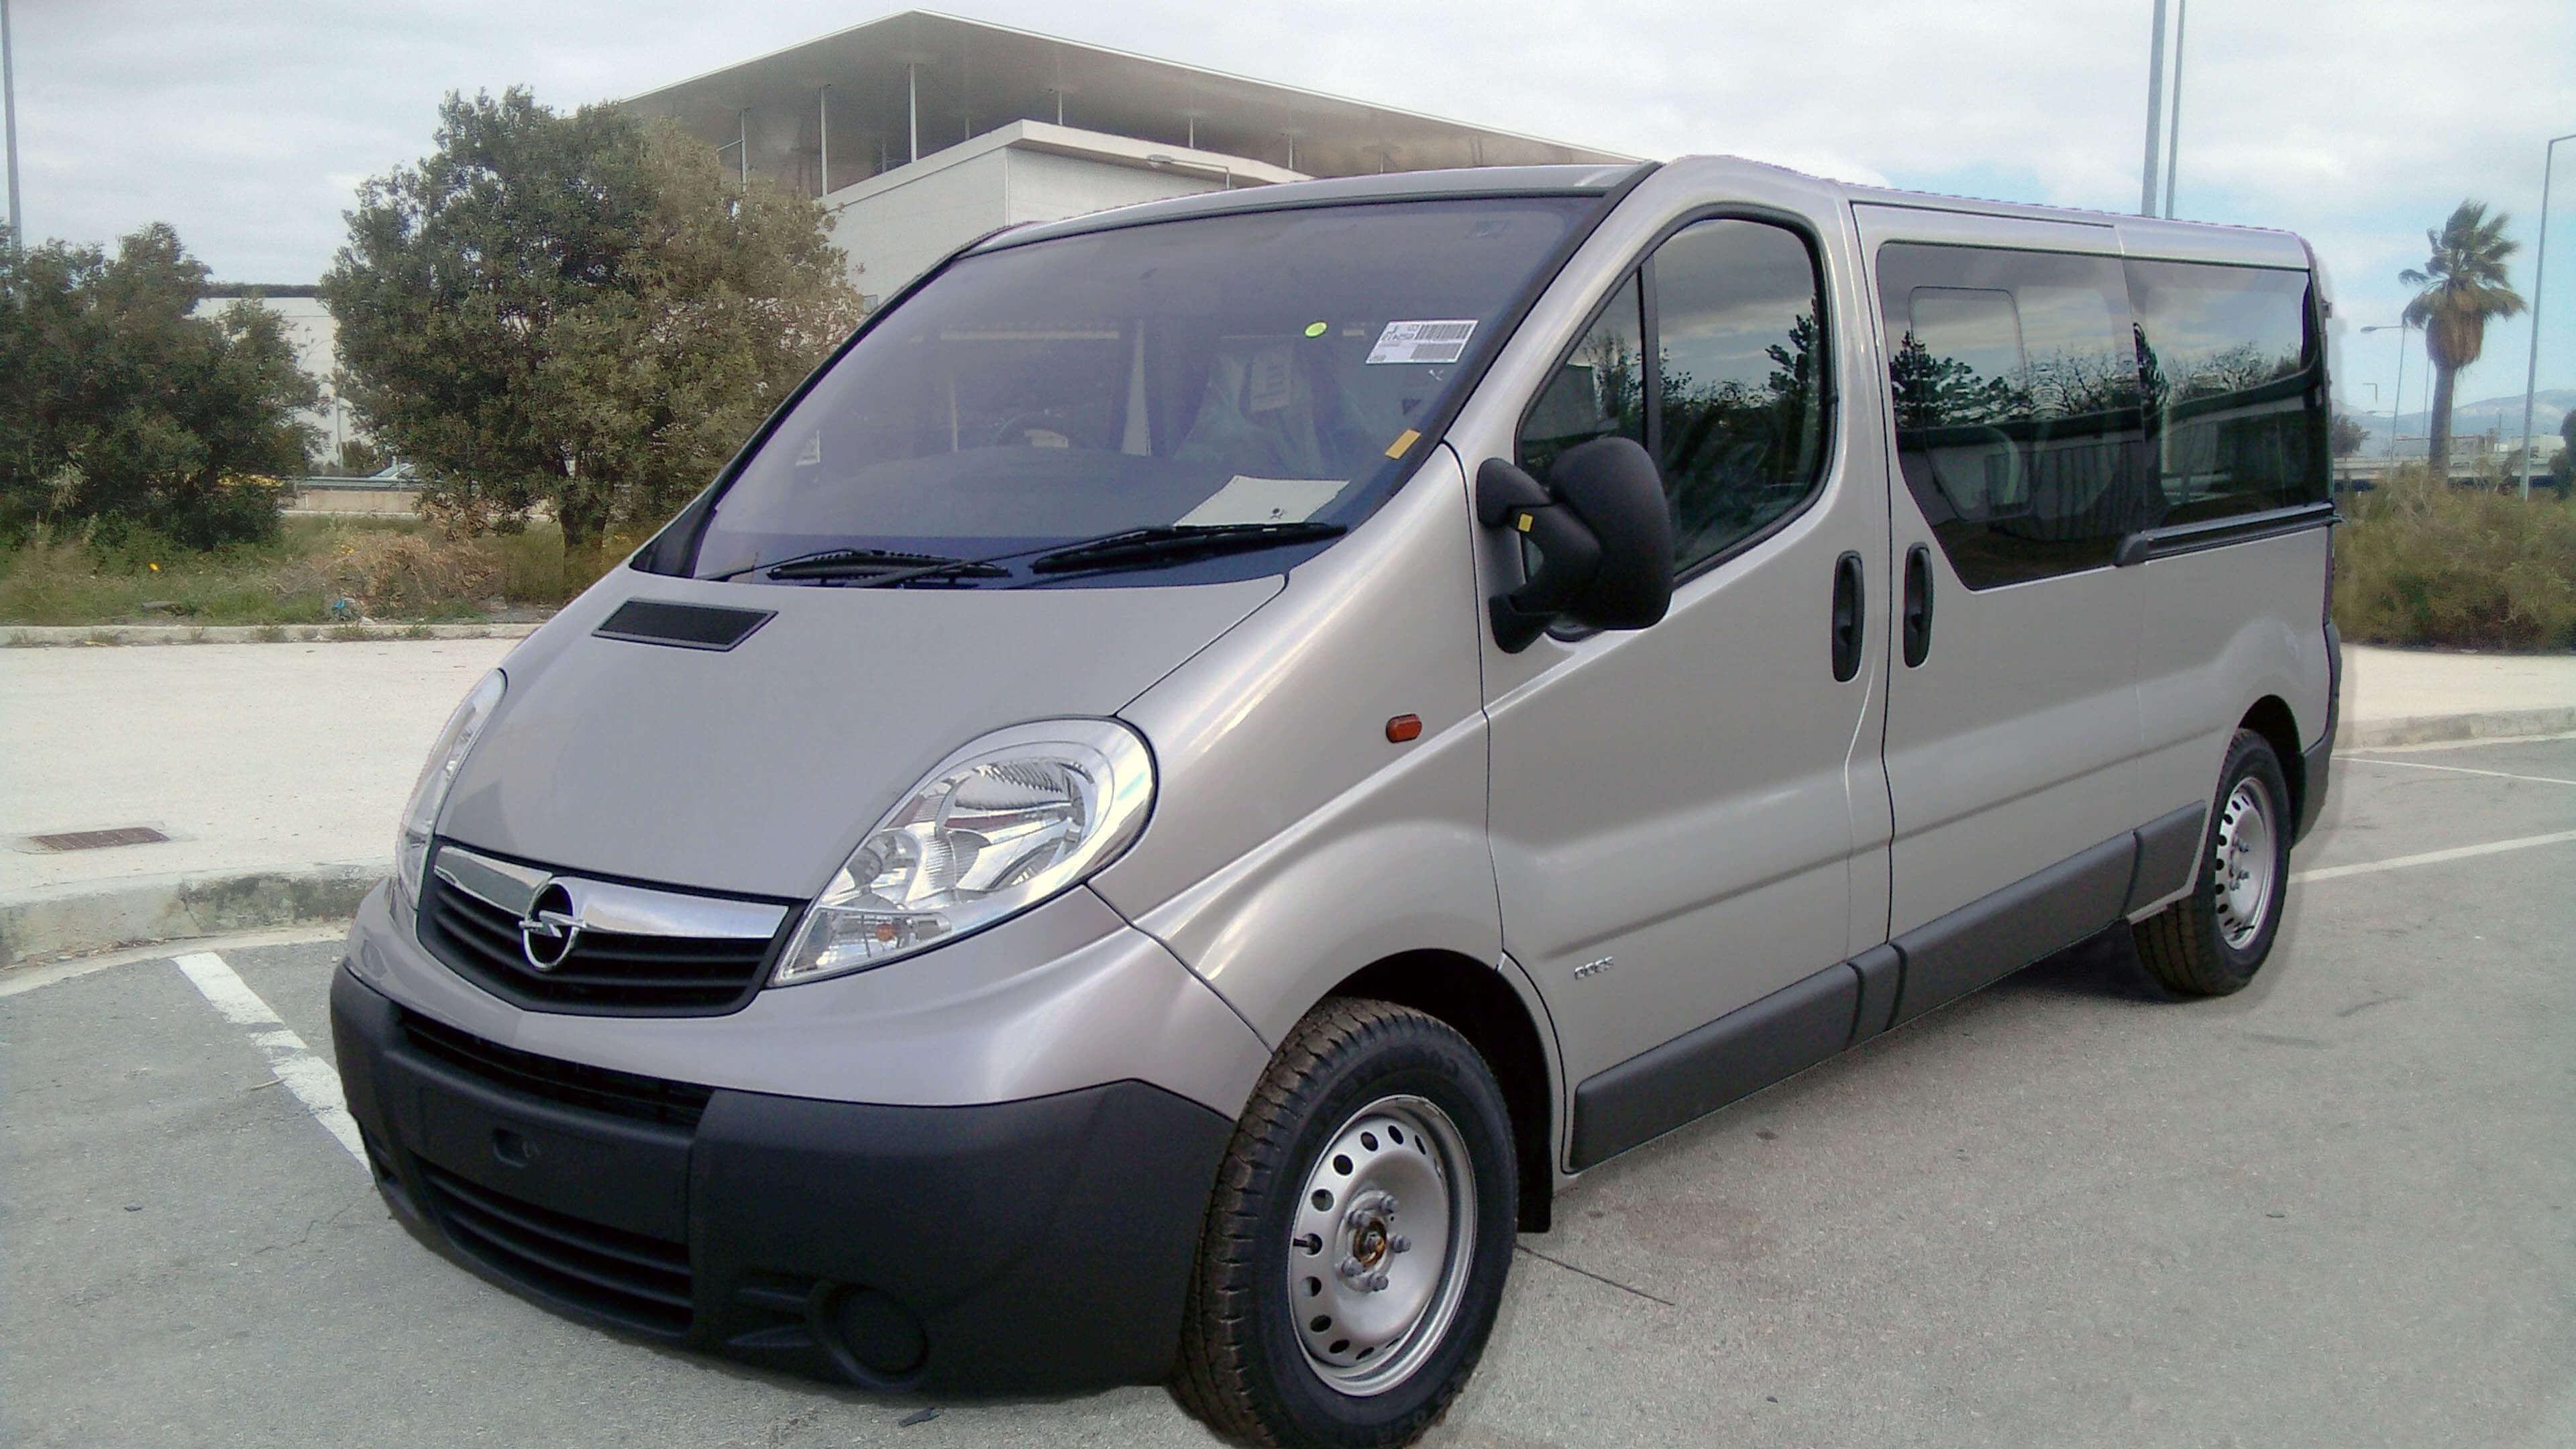 Standard Minivan - Chauffeur Greece